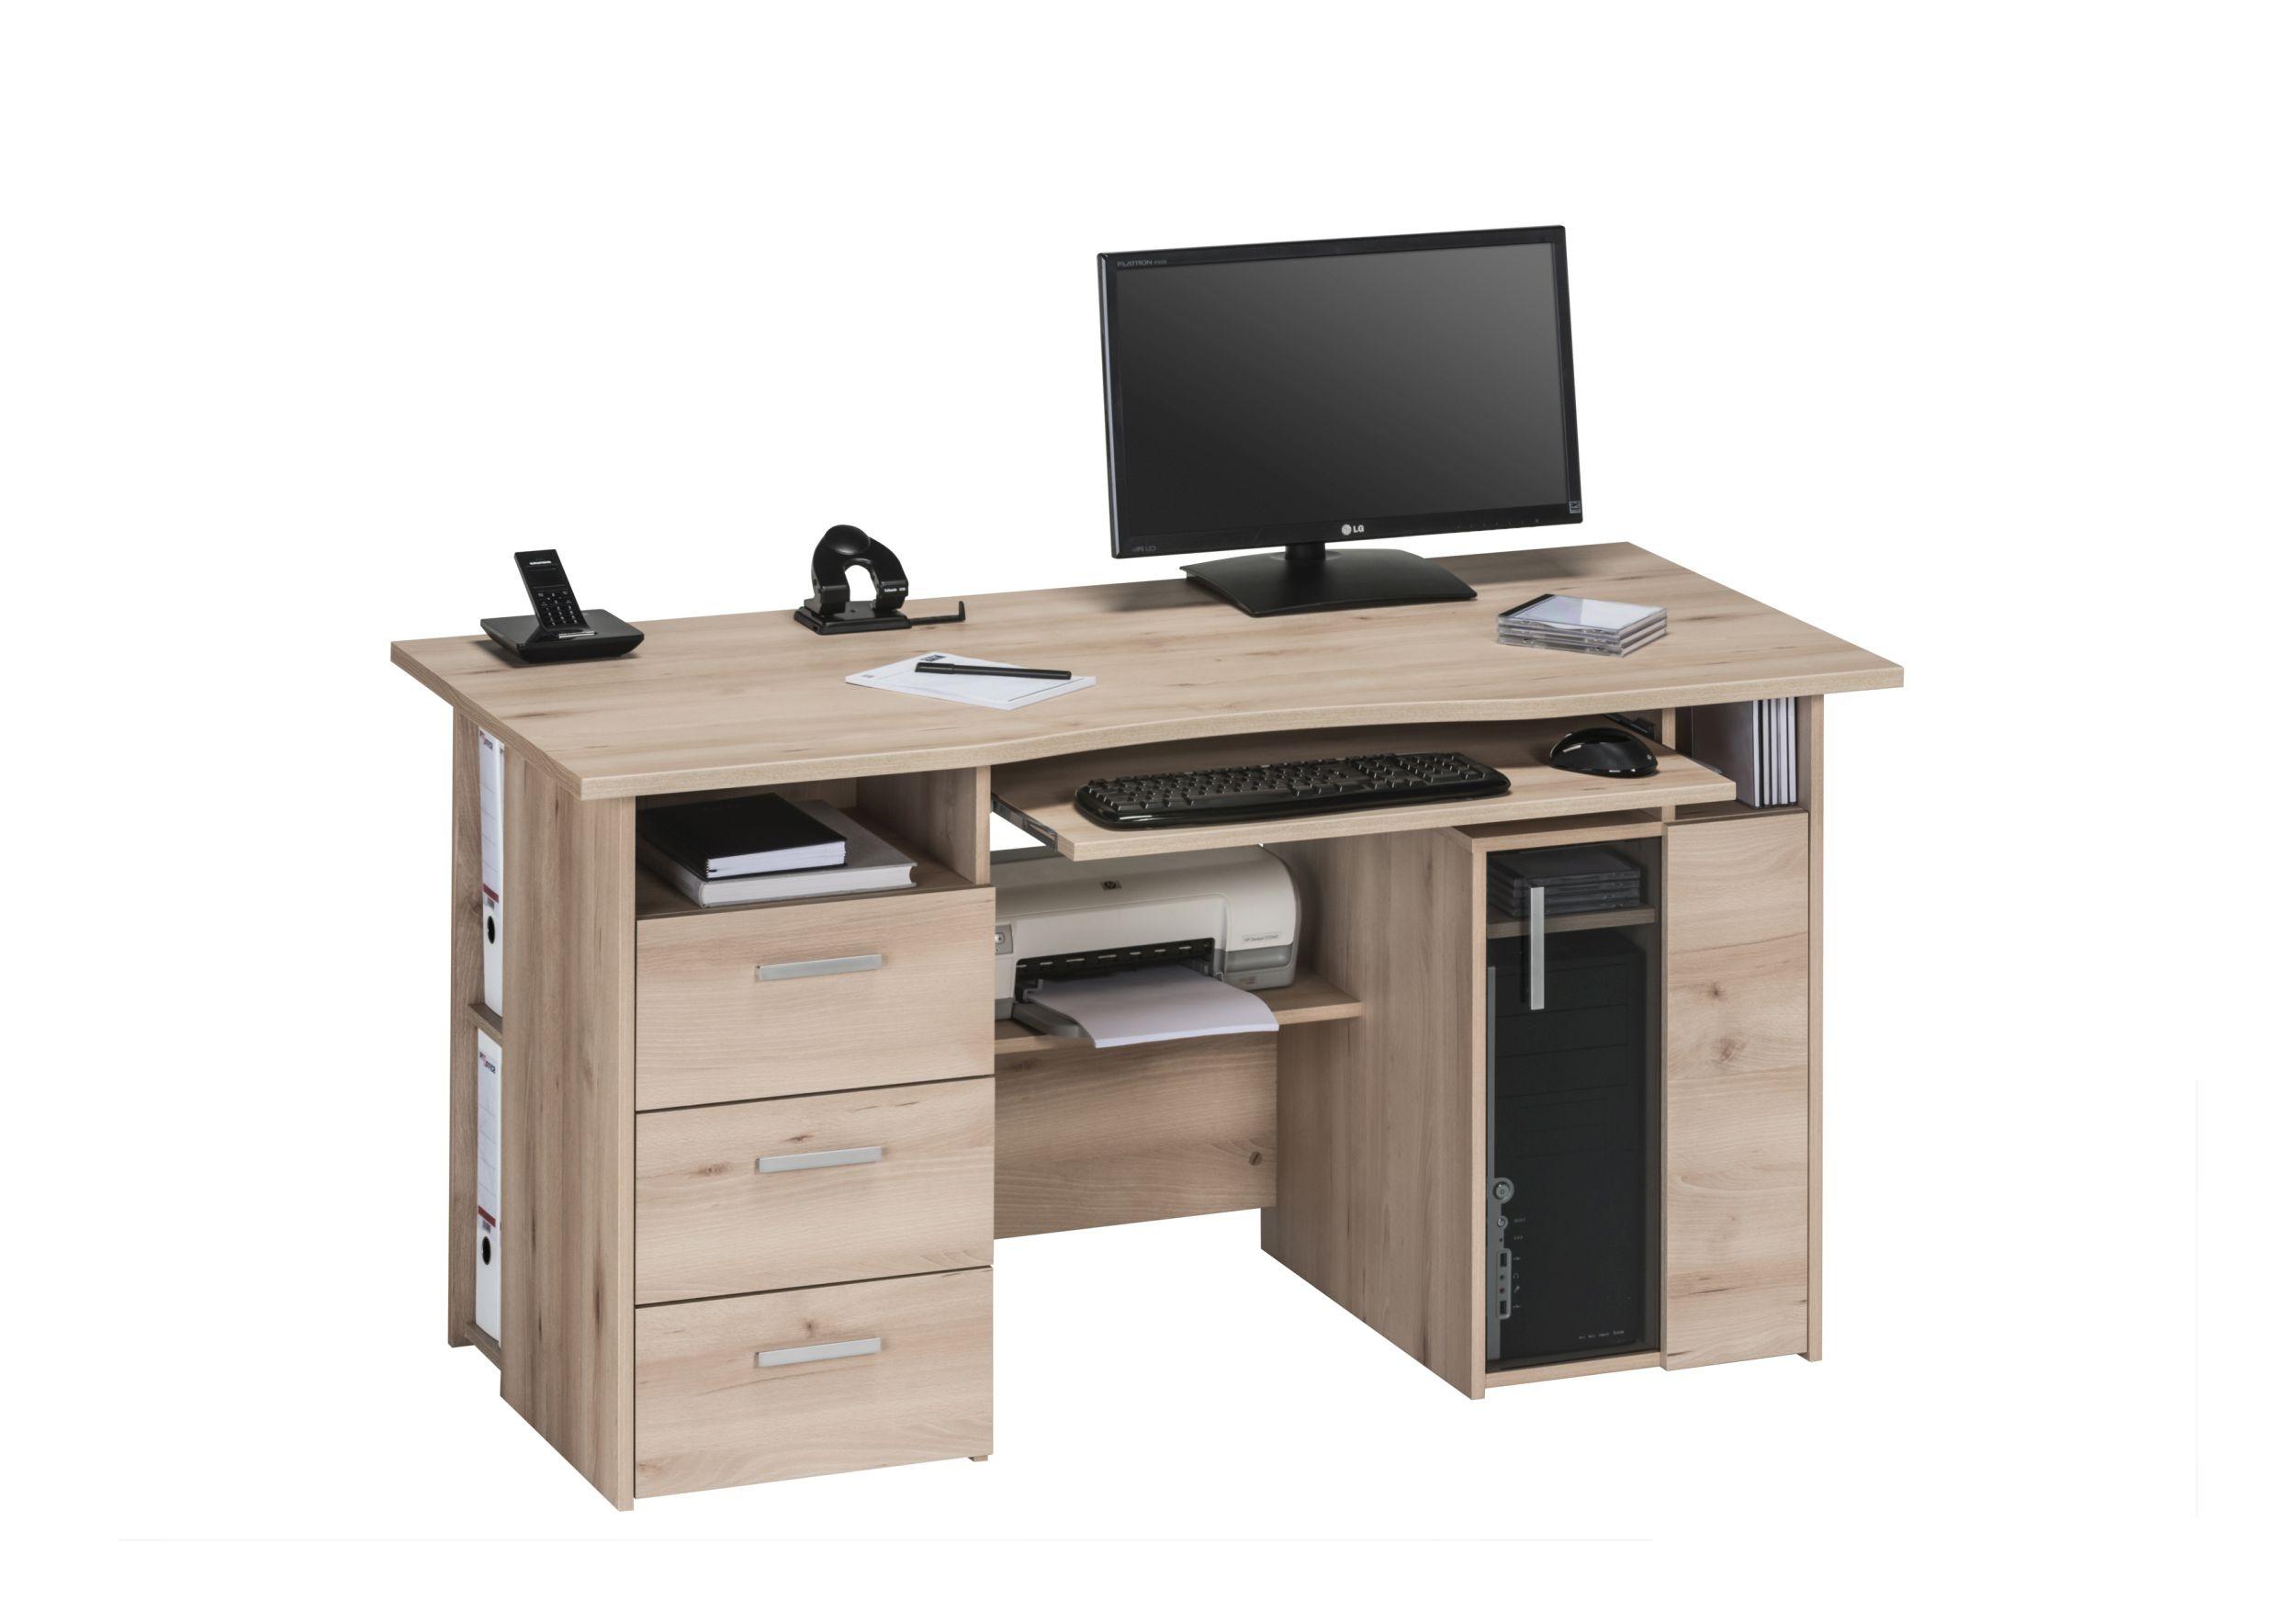 Schreibtisch mod mj072 edelbuche h c m bel for Schreibtisch edelbuche